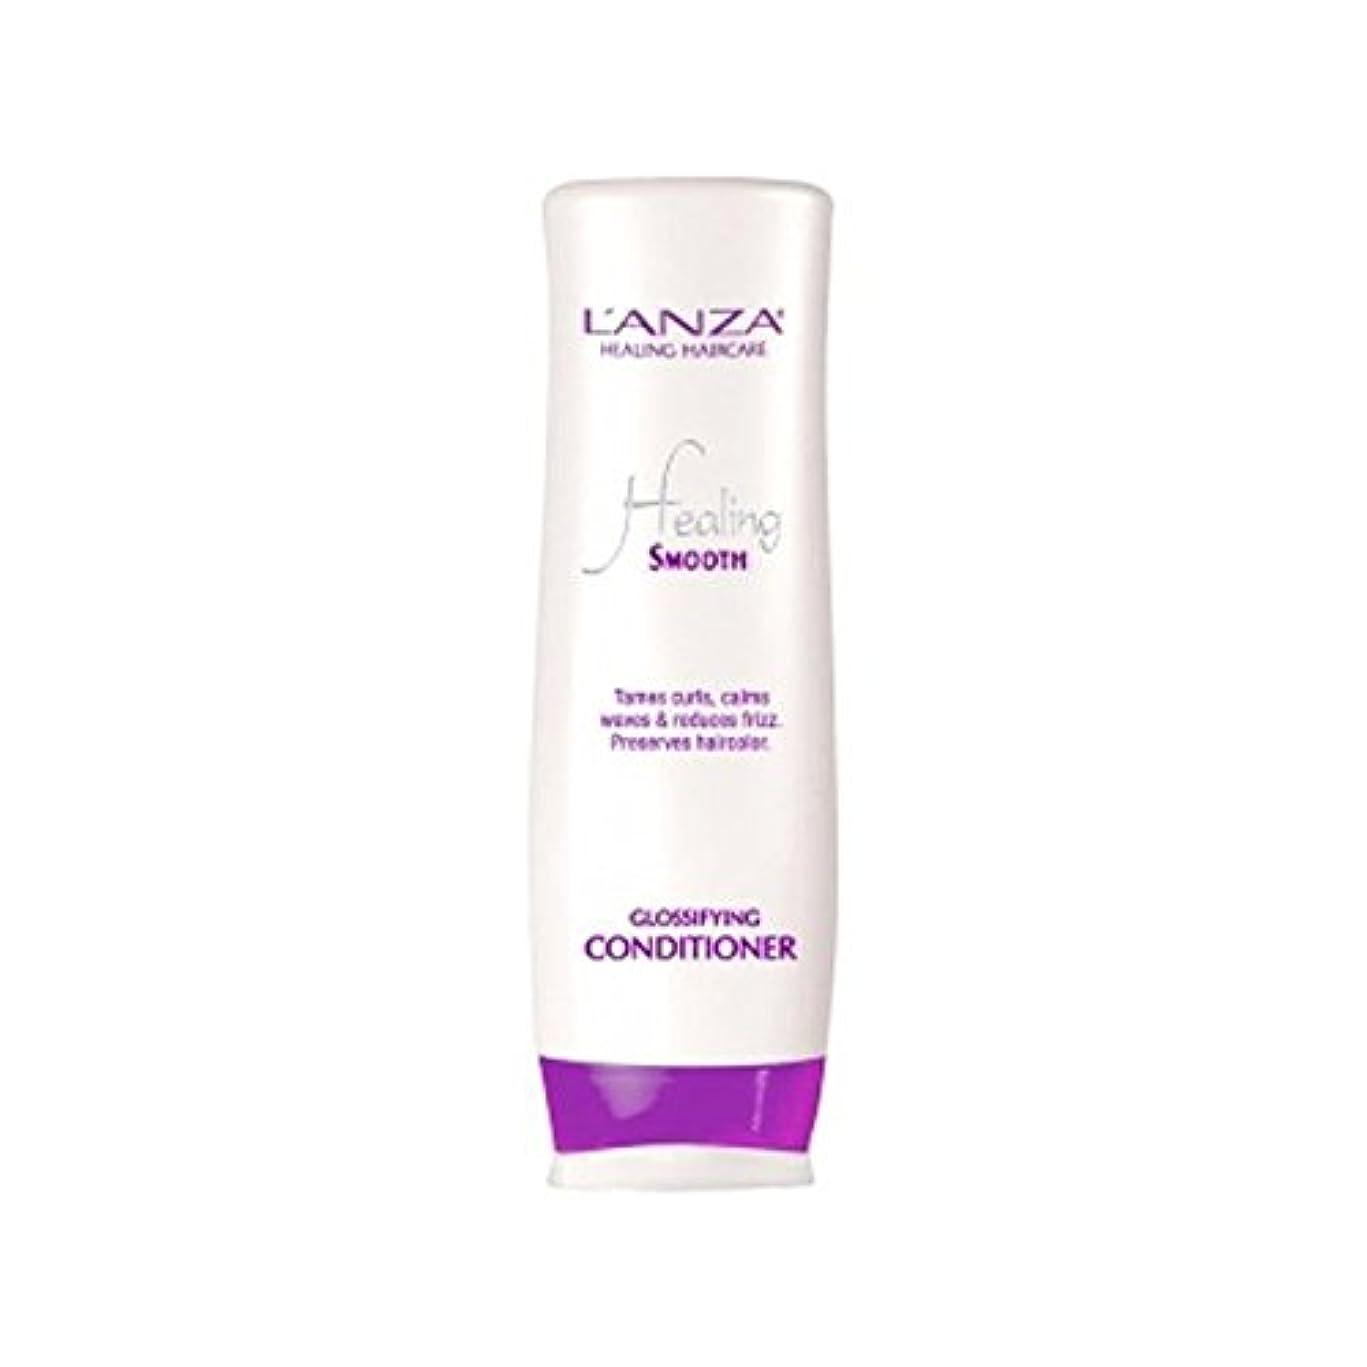 バン振幅水を飲むL'Anza Healing Smooth Glossifying Conditioner (250ml) - スムーズなコンディショナーを癒し'アンザ(250ミリリットル) [並行輸入品]